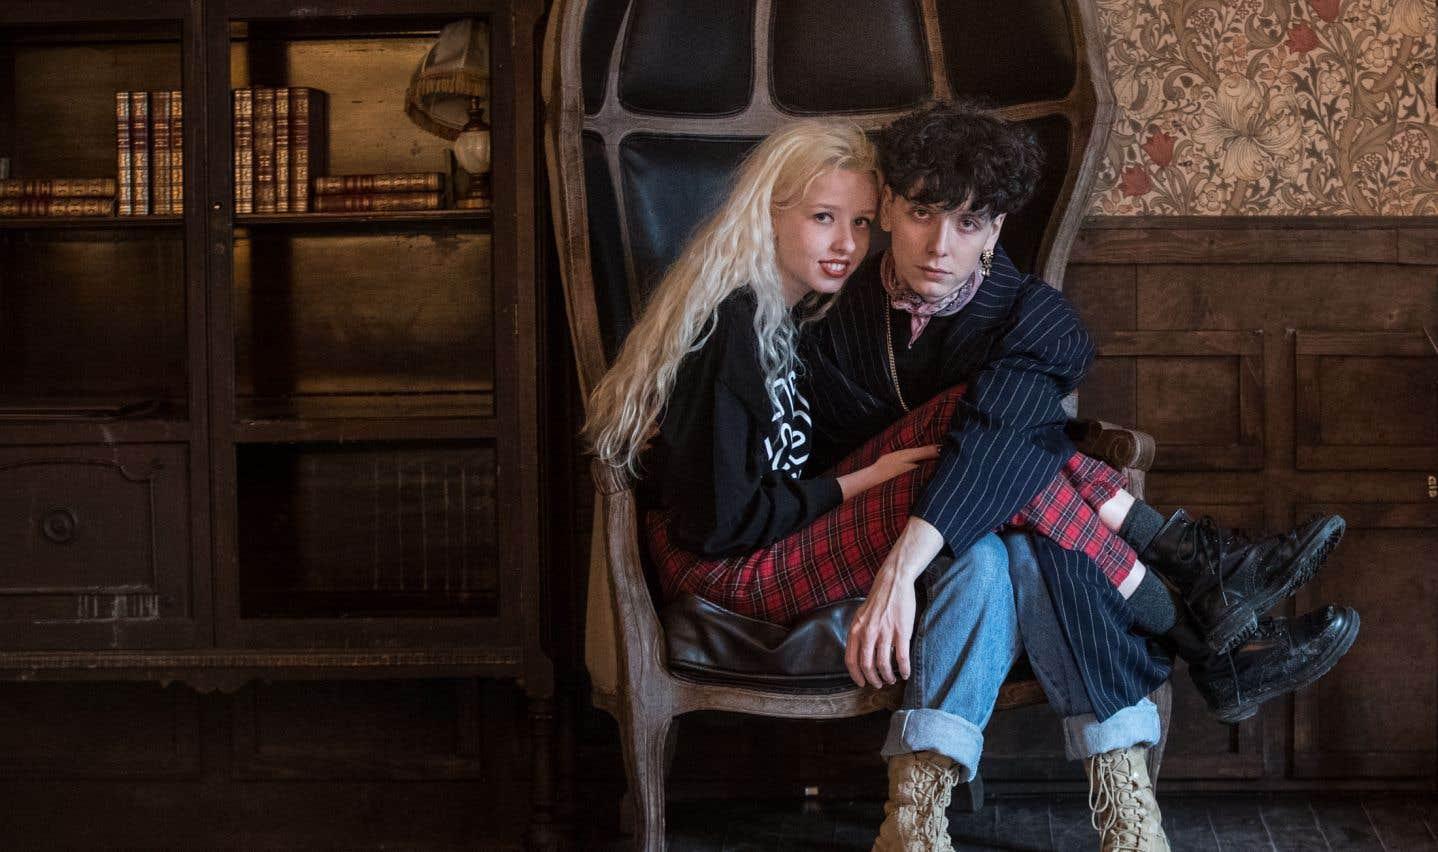 Noémie et Hubert se sont rencontrés alors qu'elle terminait son secondaire et qu'elle assistait au Cercle de Québec à un concert de The Seasons, le groupe qu'il forme avec son grand frère Julien (Chiasson).